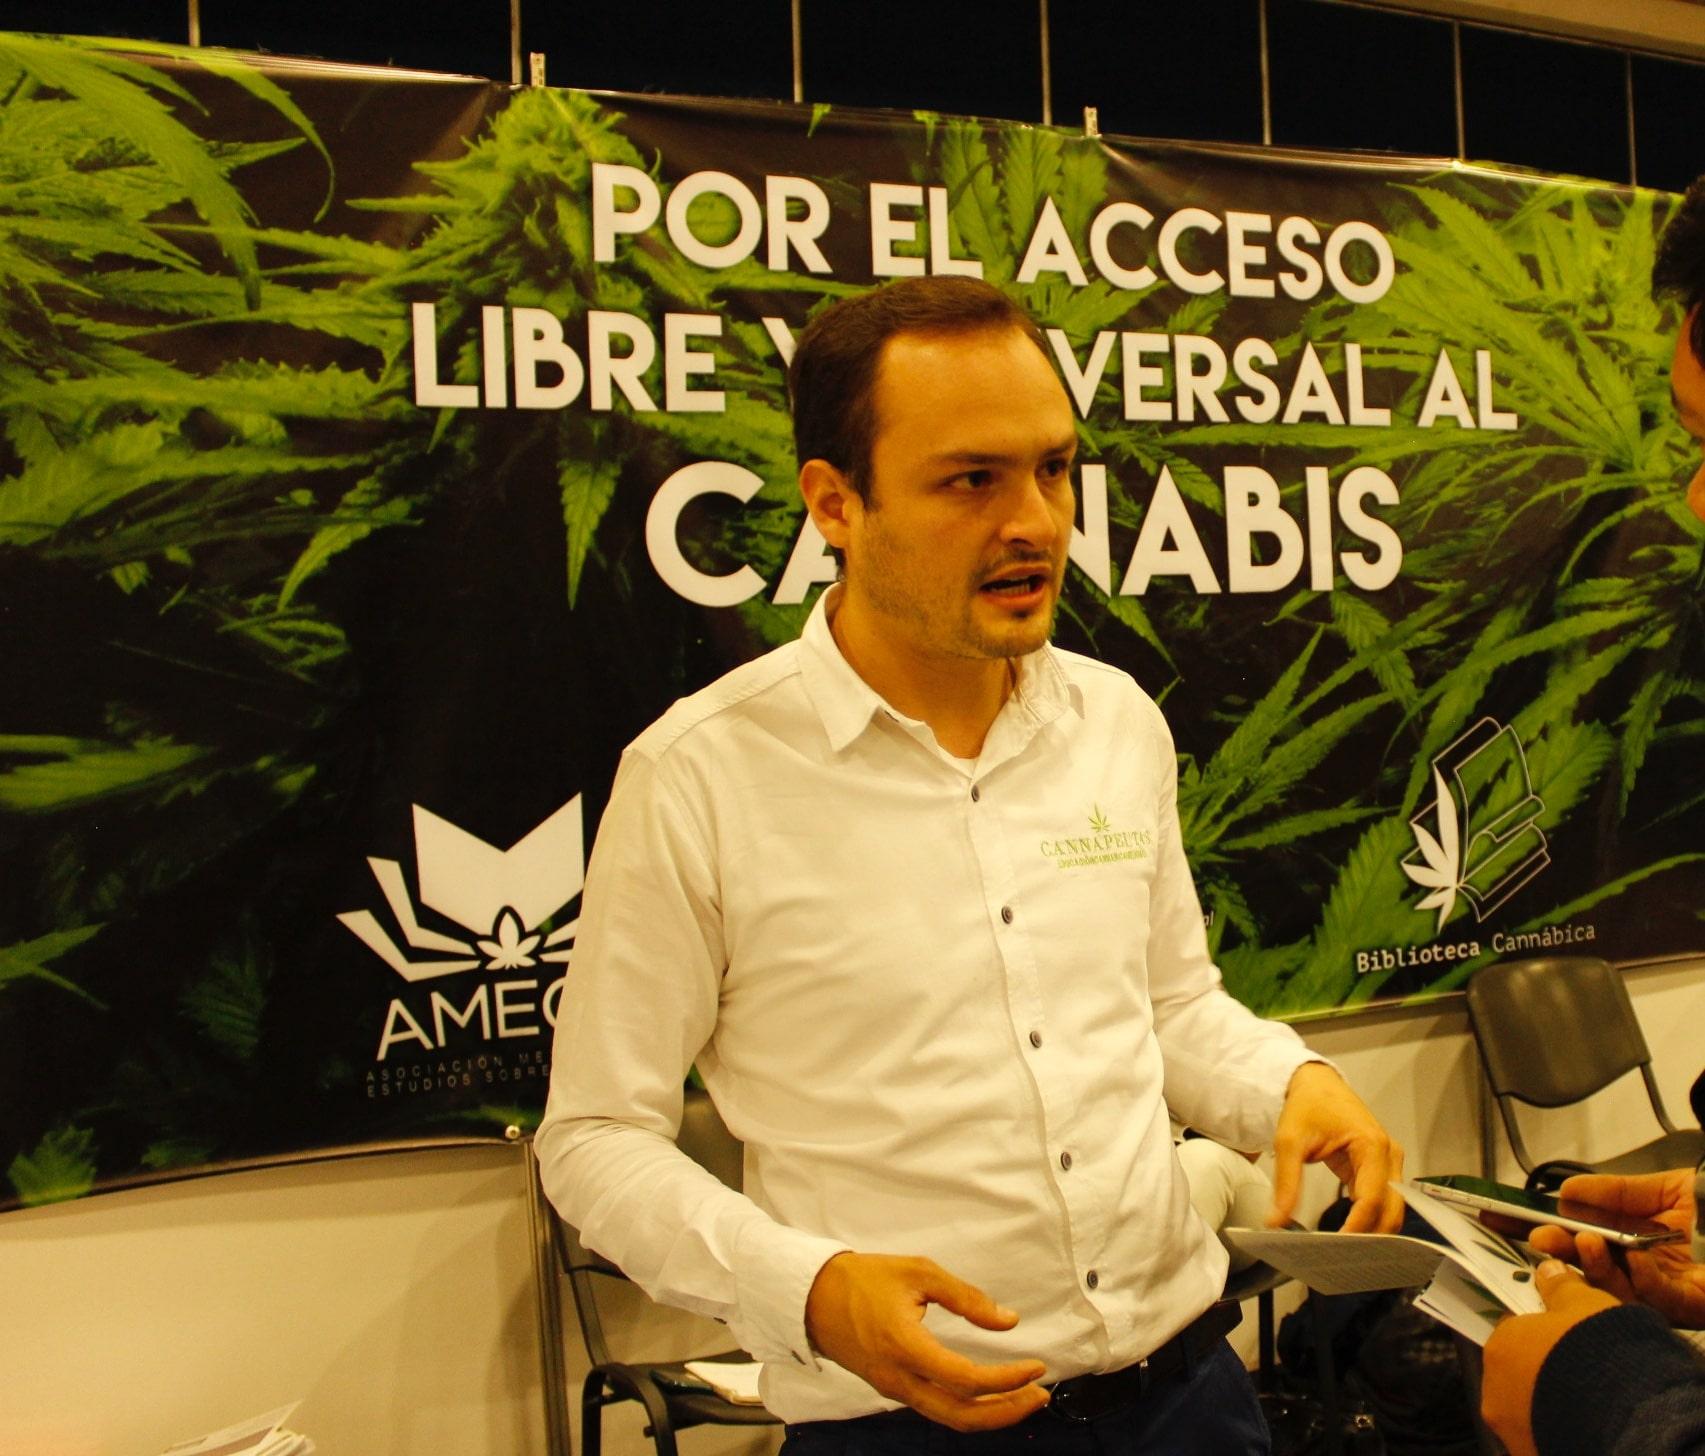 Nación Cannabis | Difícil convencer a médicos para aceptar cannabis medicinal: Cannapeutas